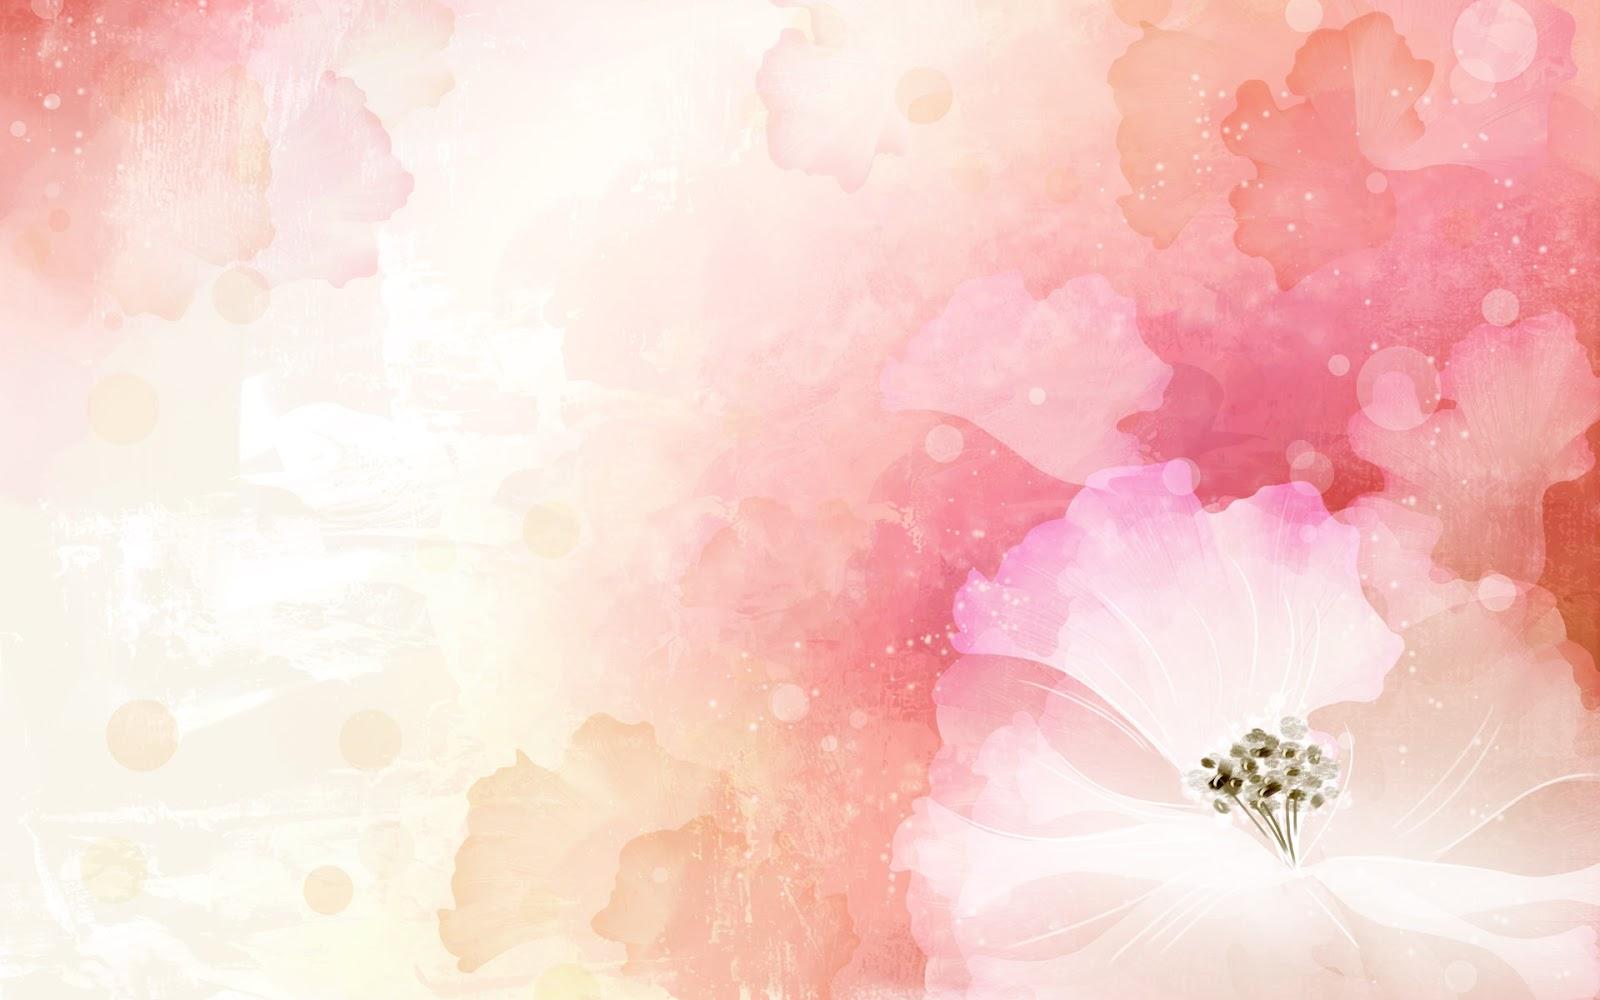 http://4.bp.blogspot.com/-50STtot25Iw/T8zFOsyslGI/AAAAAAAAEhQ/0C0lyRtHwmk/s1600/Flower-wallpaper-30.jpg